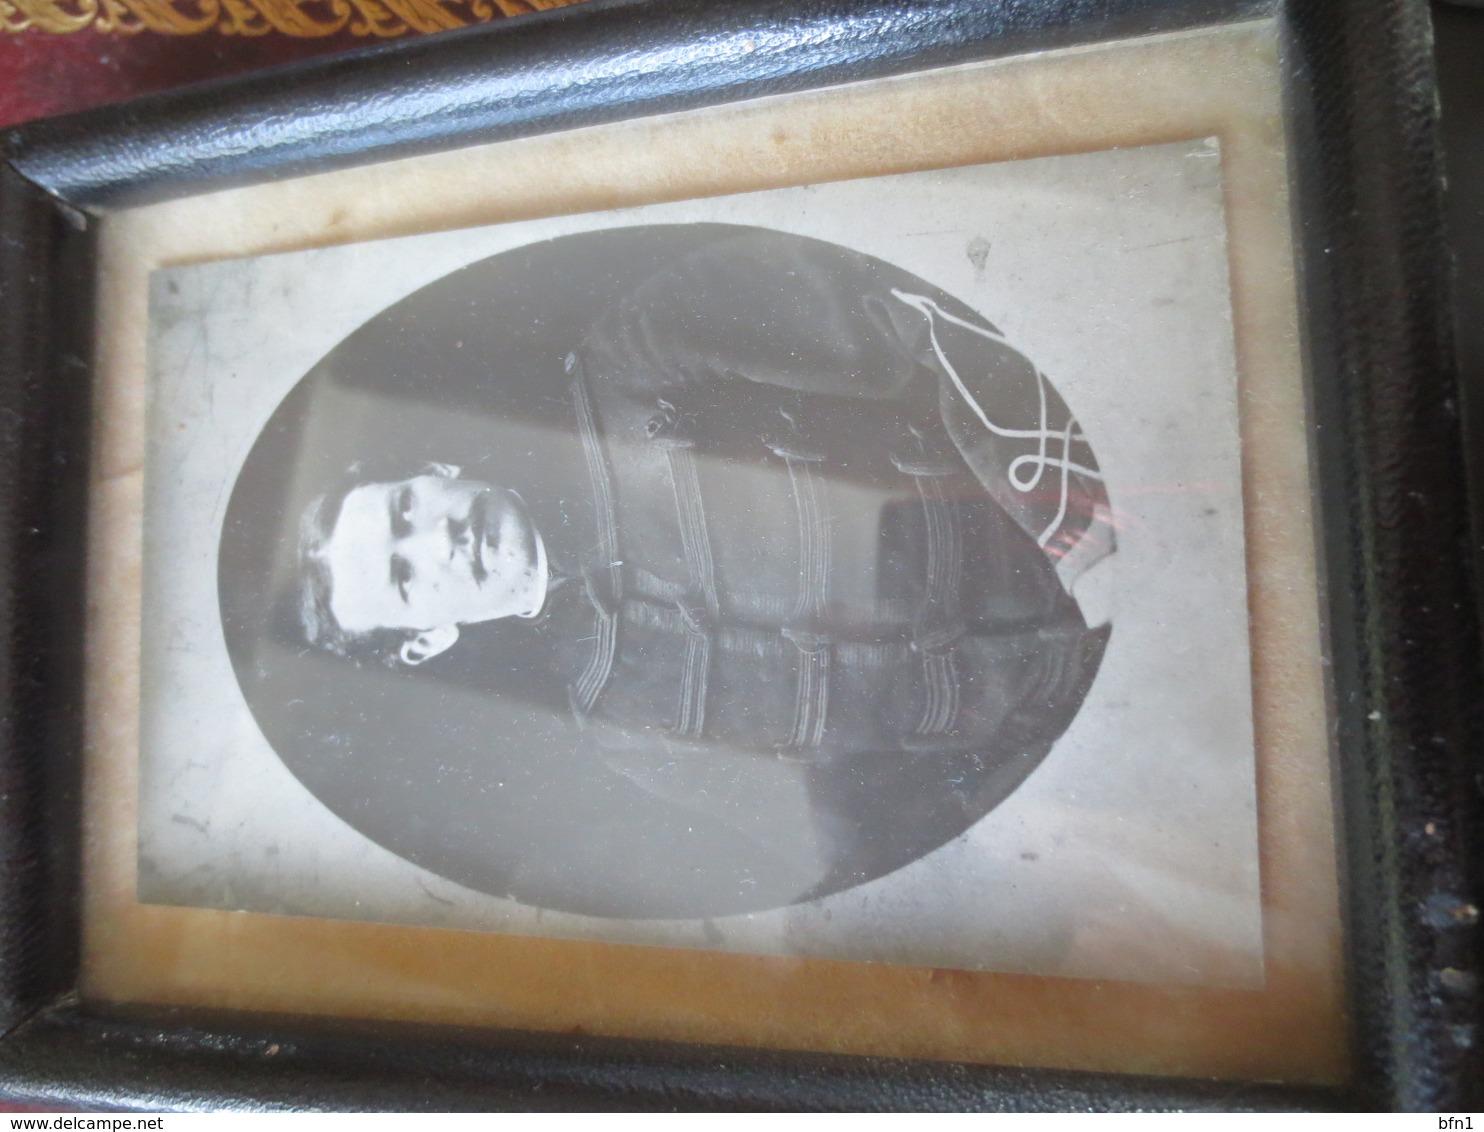 PHOTO GENERAL LOUIS COMBE CHEF D'ETAT MAJOR - Uniforms